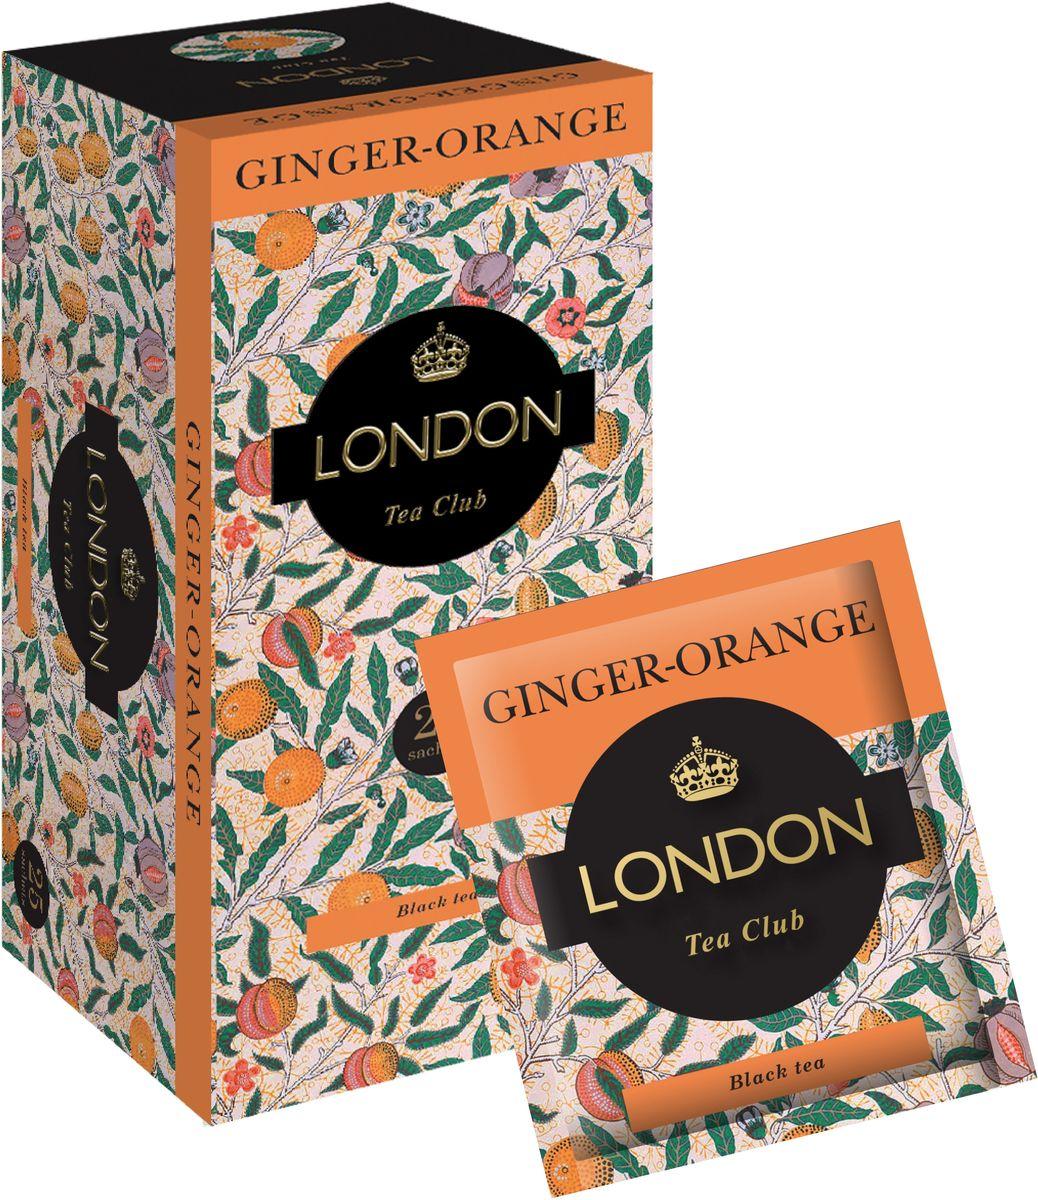 London Tea Club Имбирь-апельсин чай черный в пакетиках, 25 шт4607051543423Композиция на основе черного чая и корня имбиря с цитрусовыми нотками апельсина. Имбирь издавна славится своими согревающими и антипростудными свойствами.